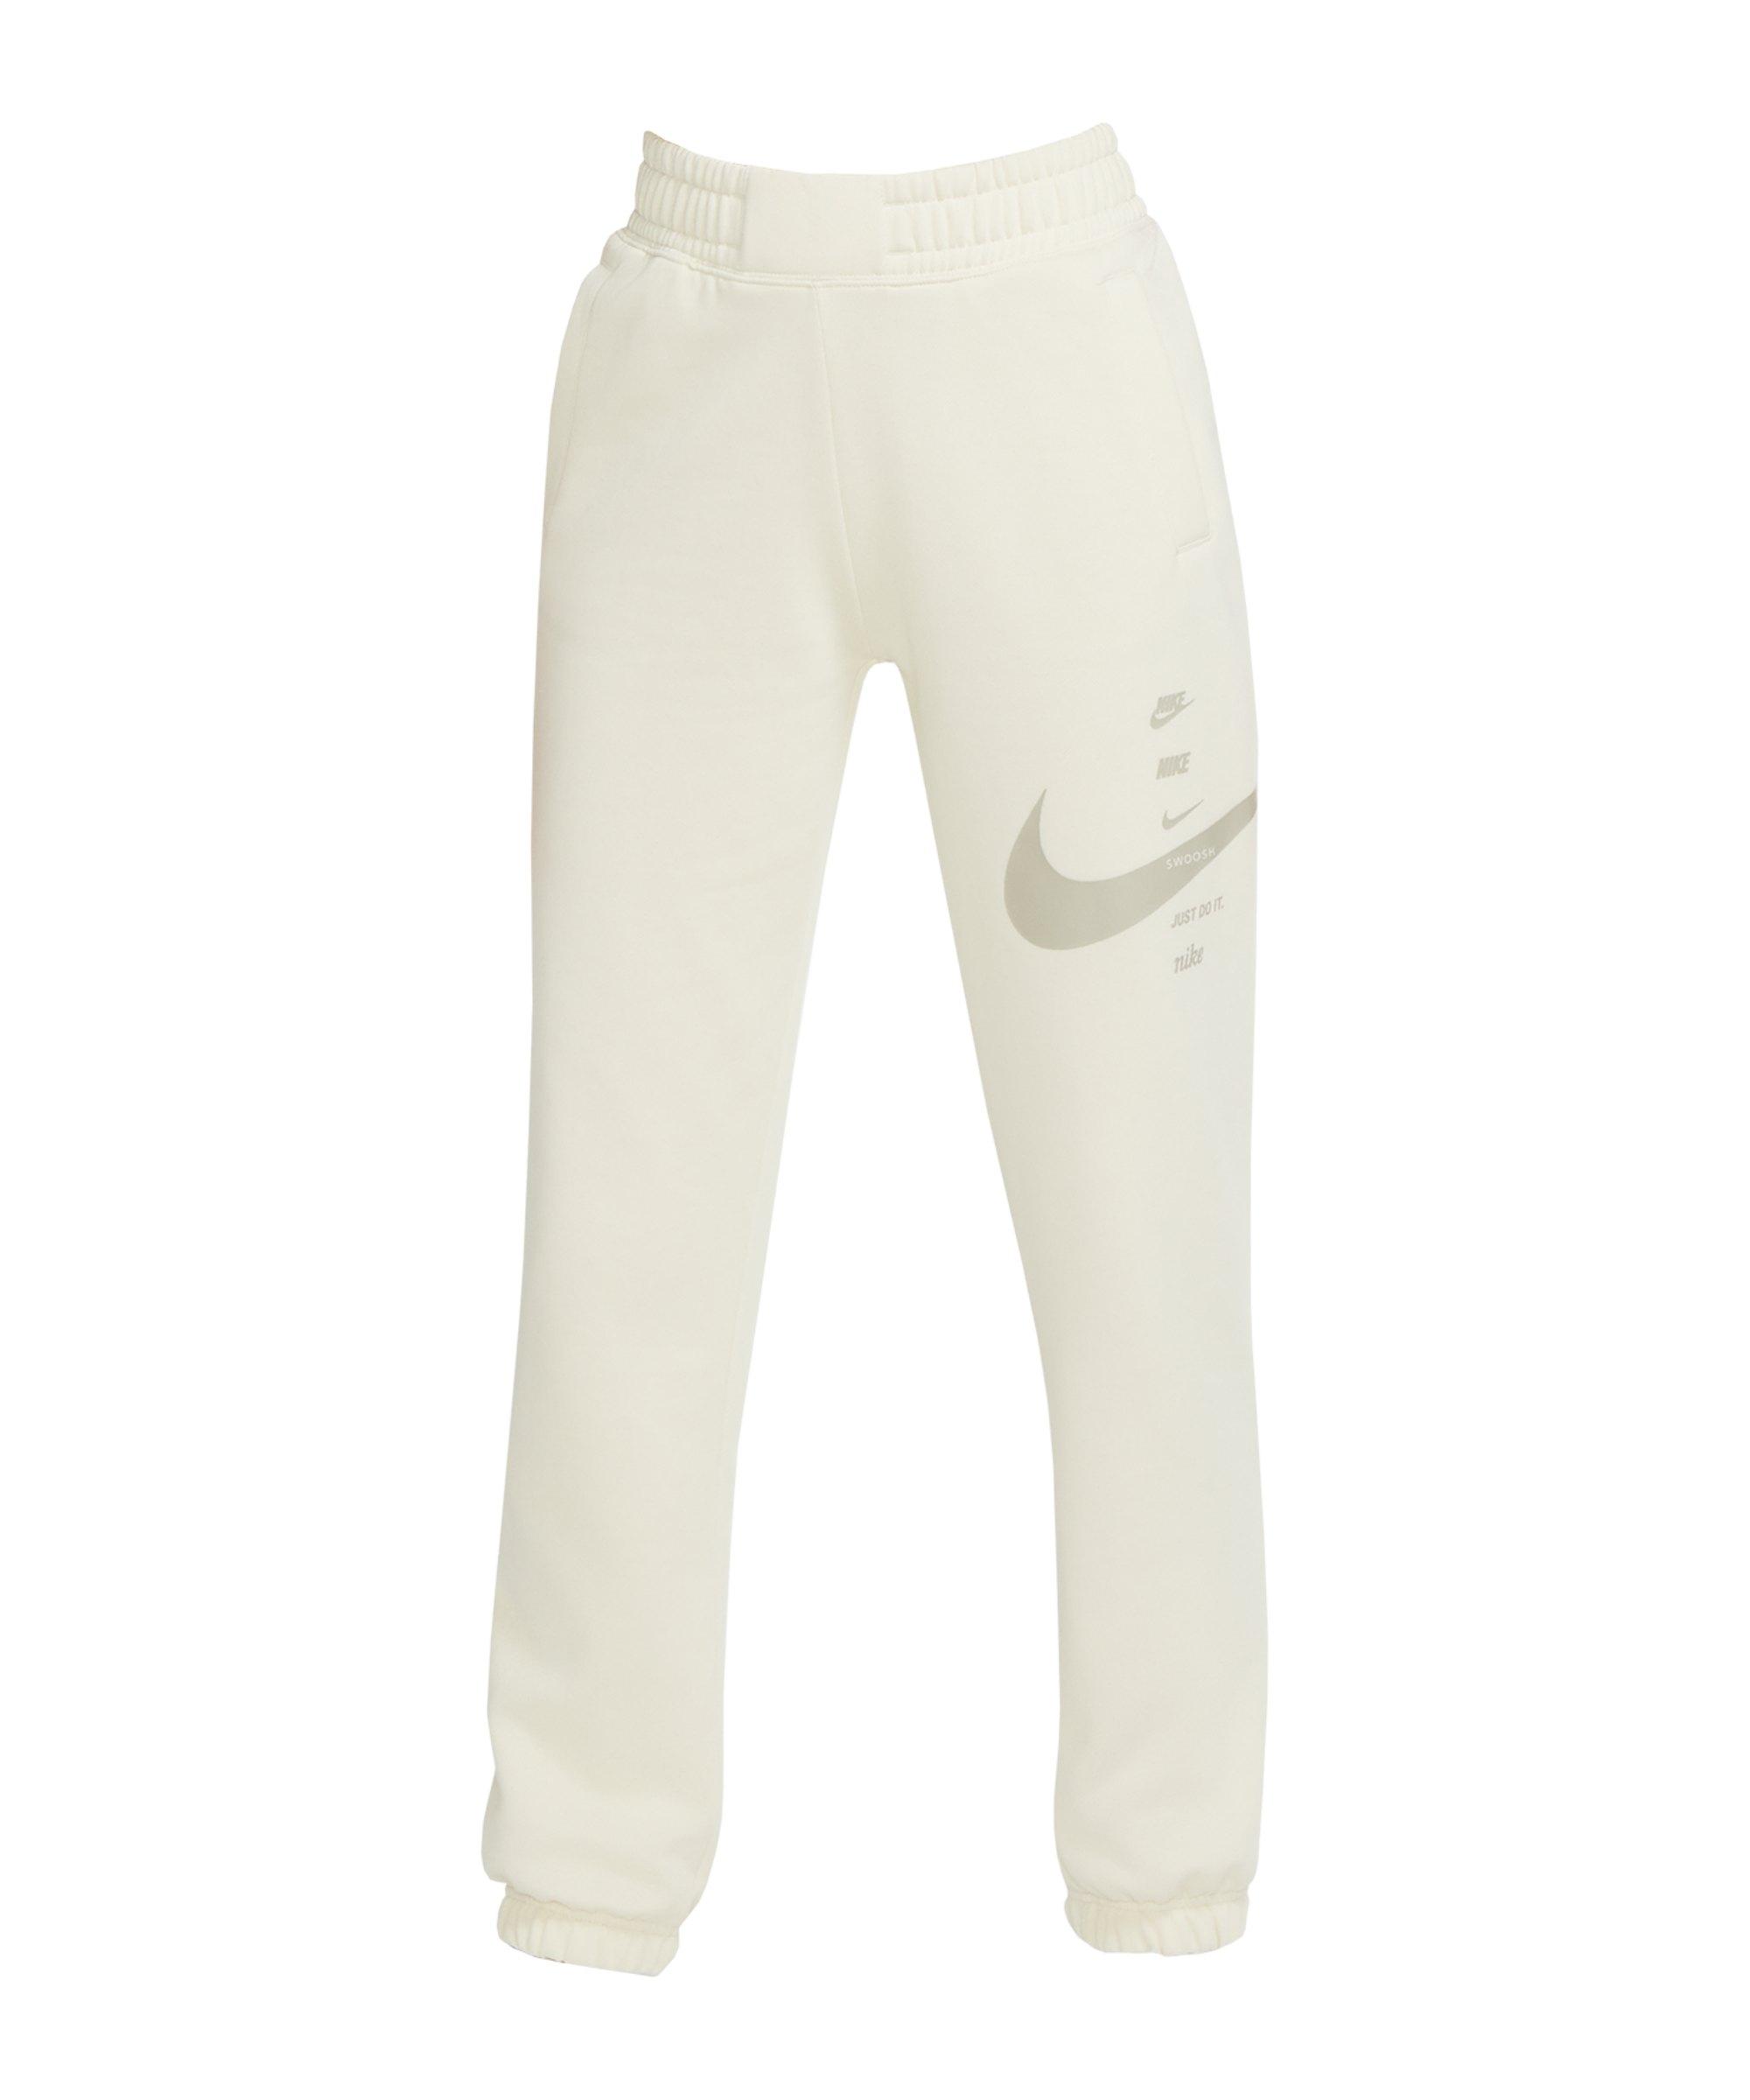 Nike Swoosh Jogginghose Damen Beige F238 - beige